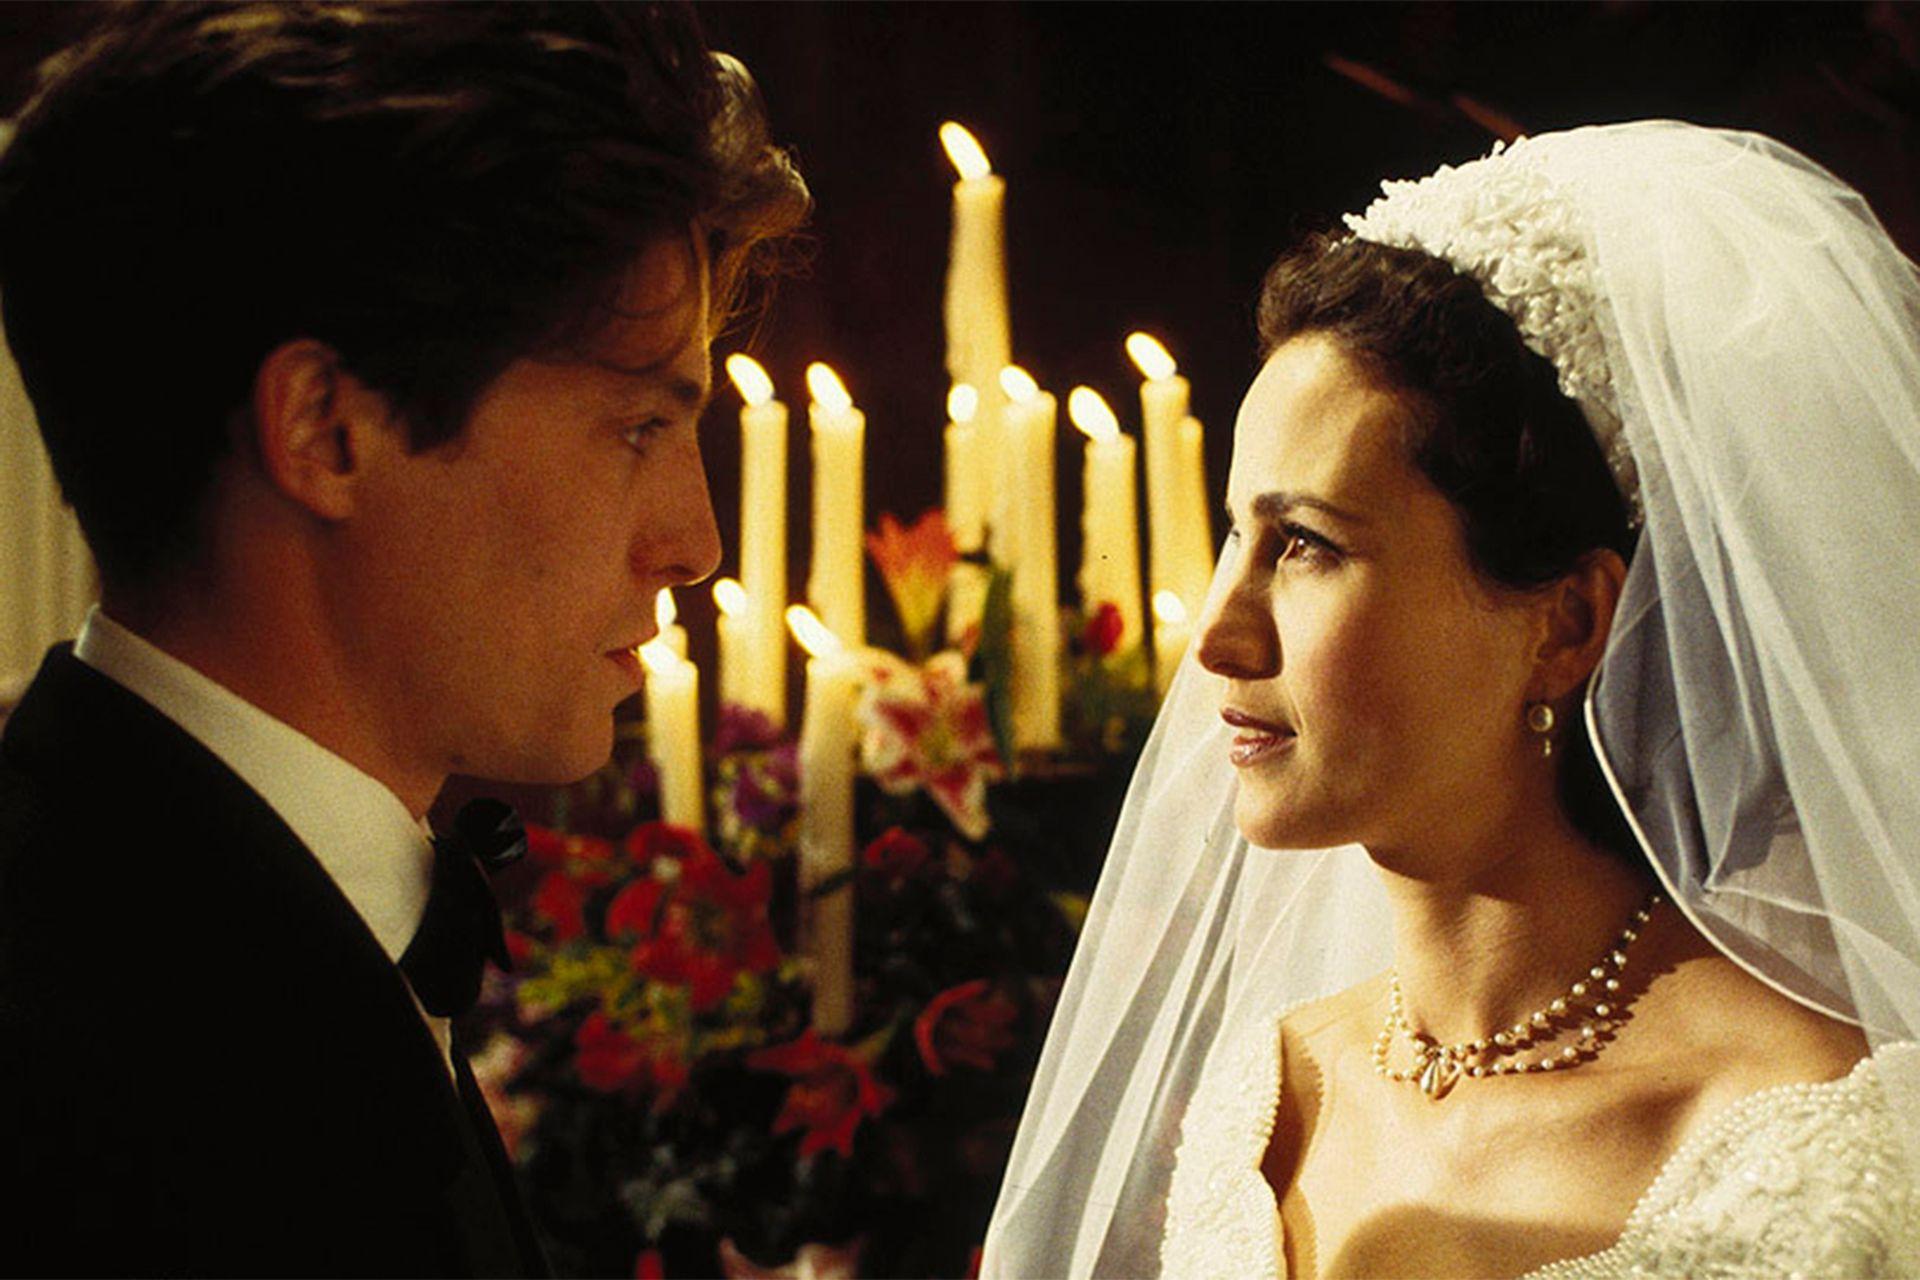 La película se rodó en poco más de un mes, durante el verano de 1993